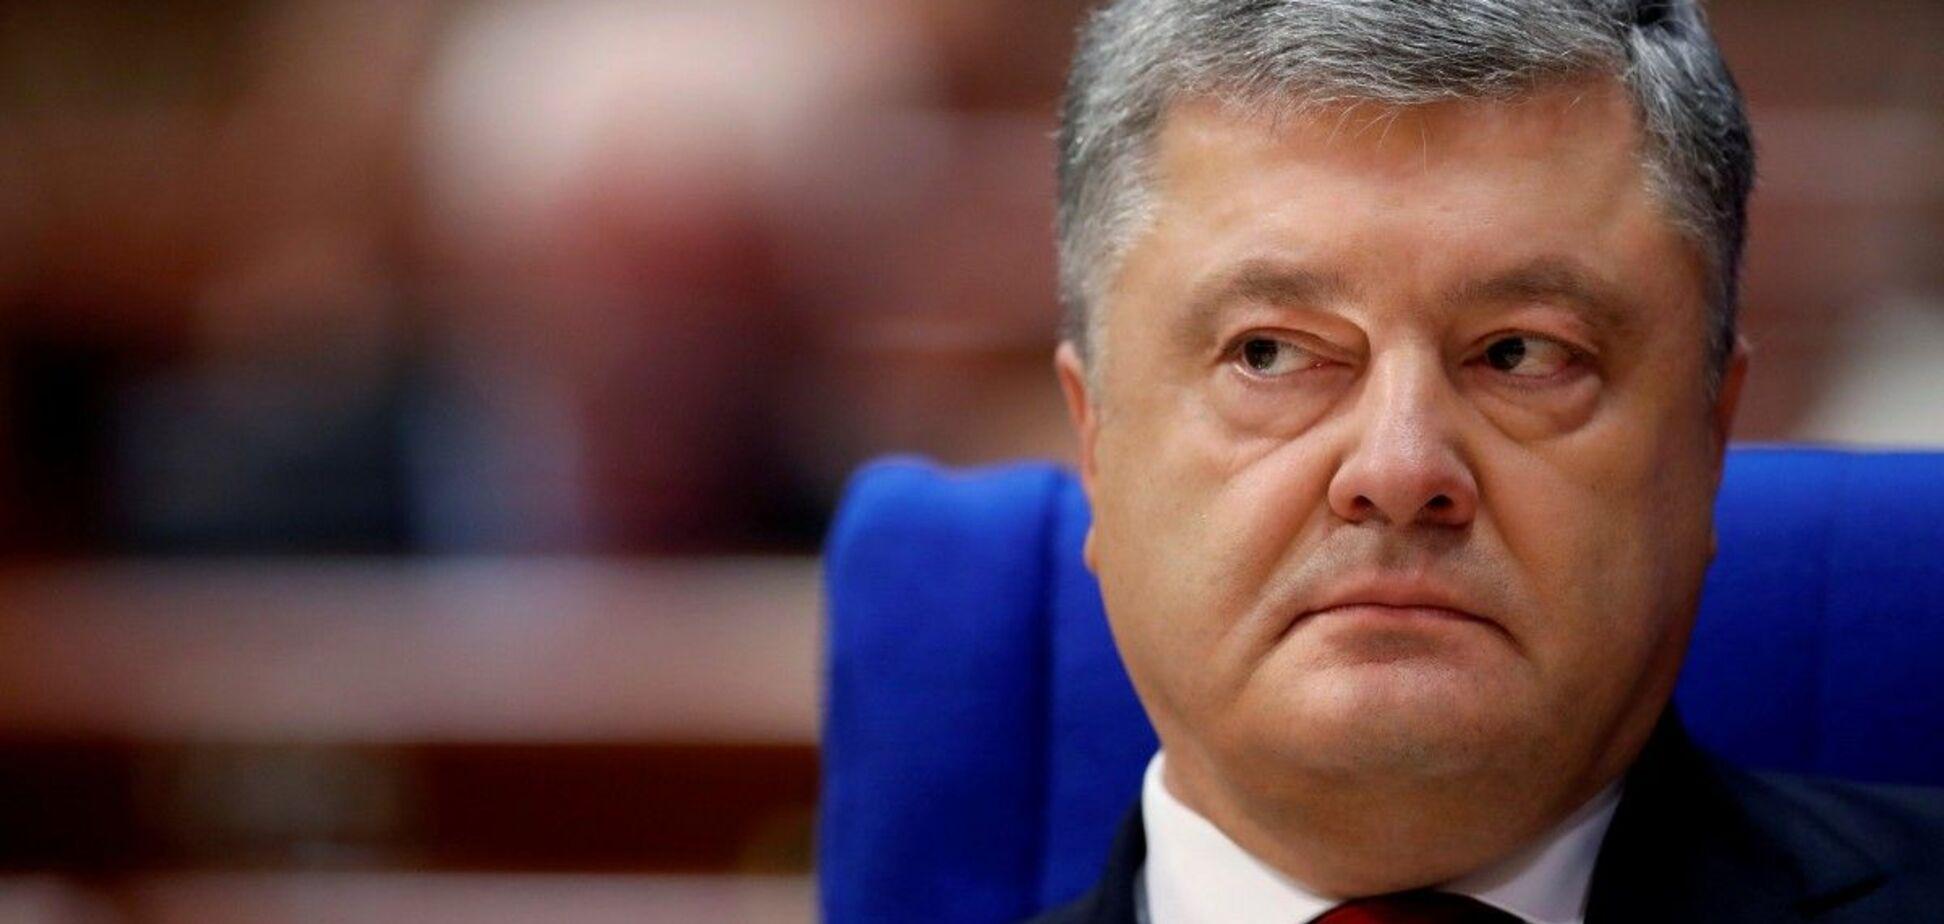 Есть условие: Порошенко предложил лишать крымчан гражданства Украины